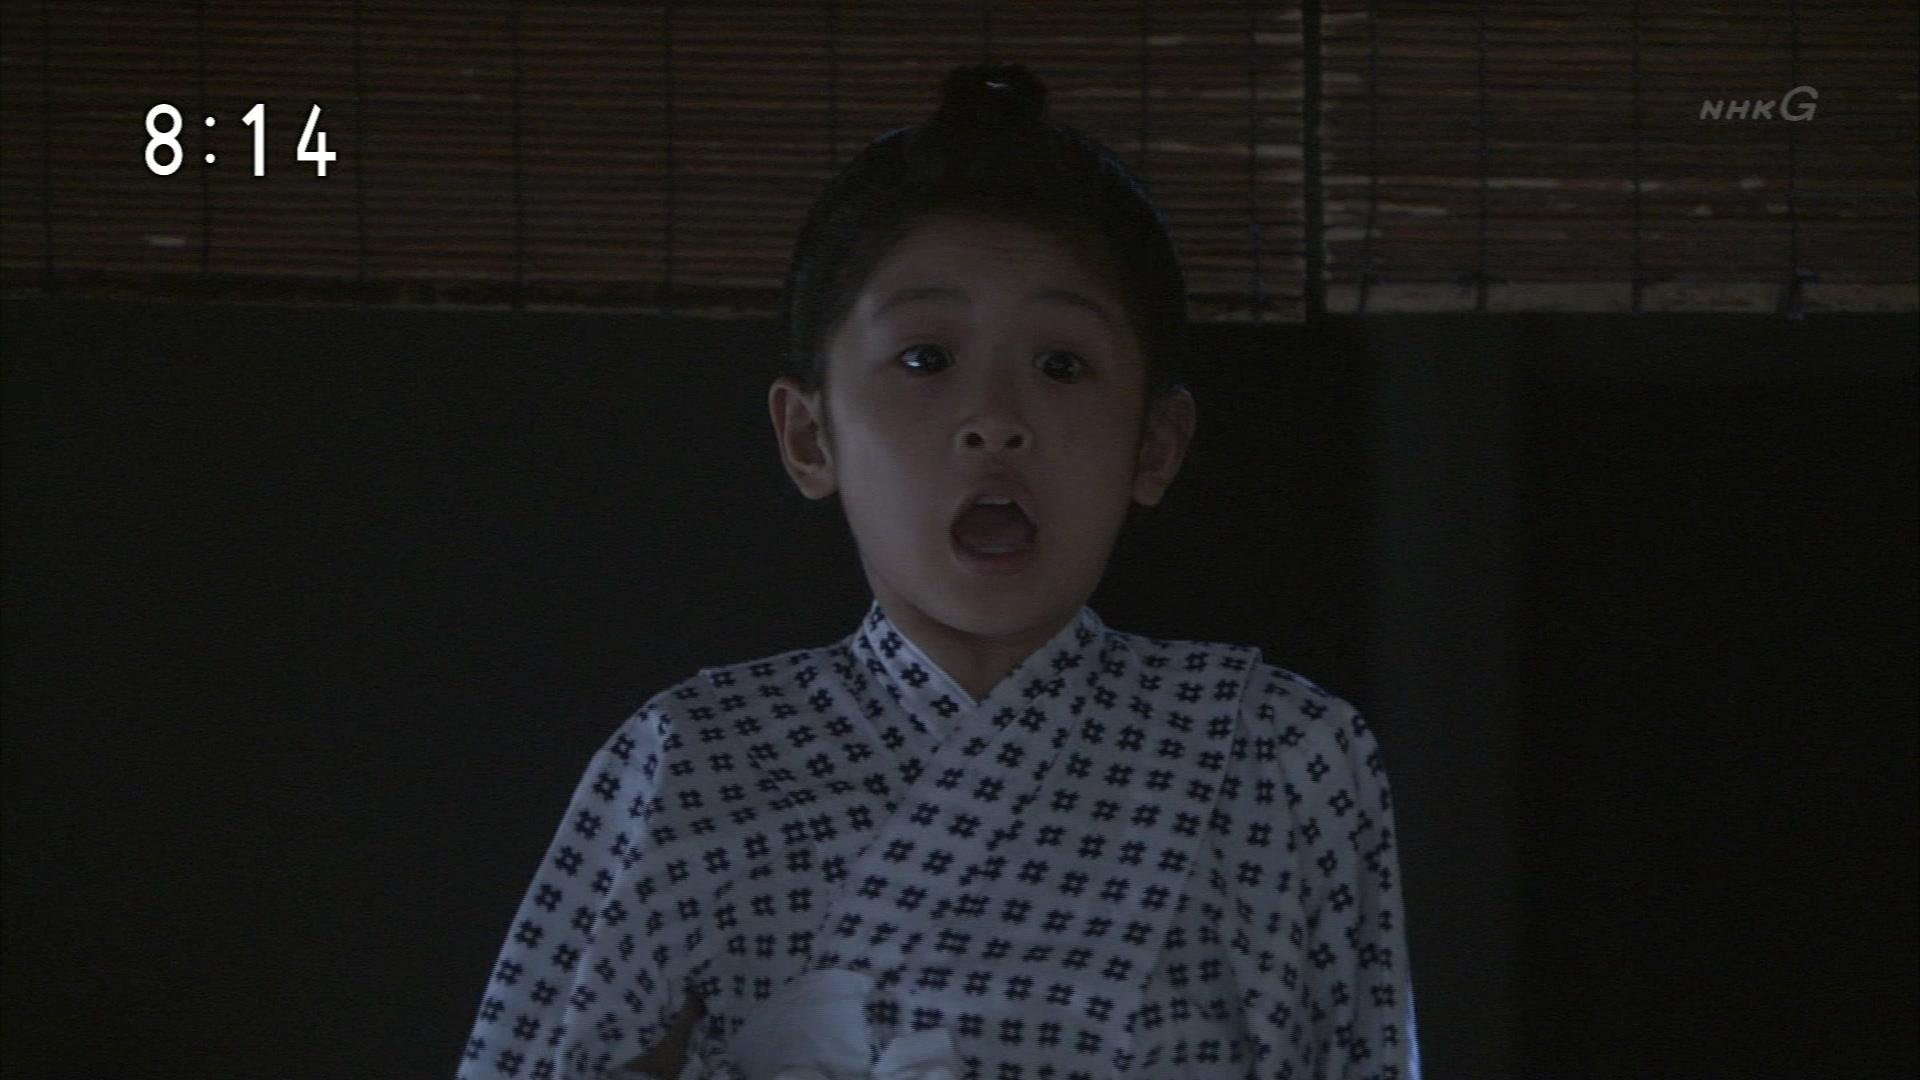 2015-10-01 08:00 連続テレビ小説 あさが来た(4)「小さな許嫁(いいなずけ)」 2685